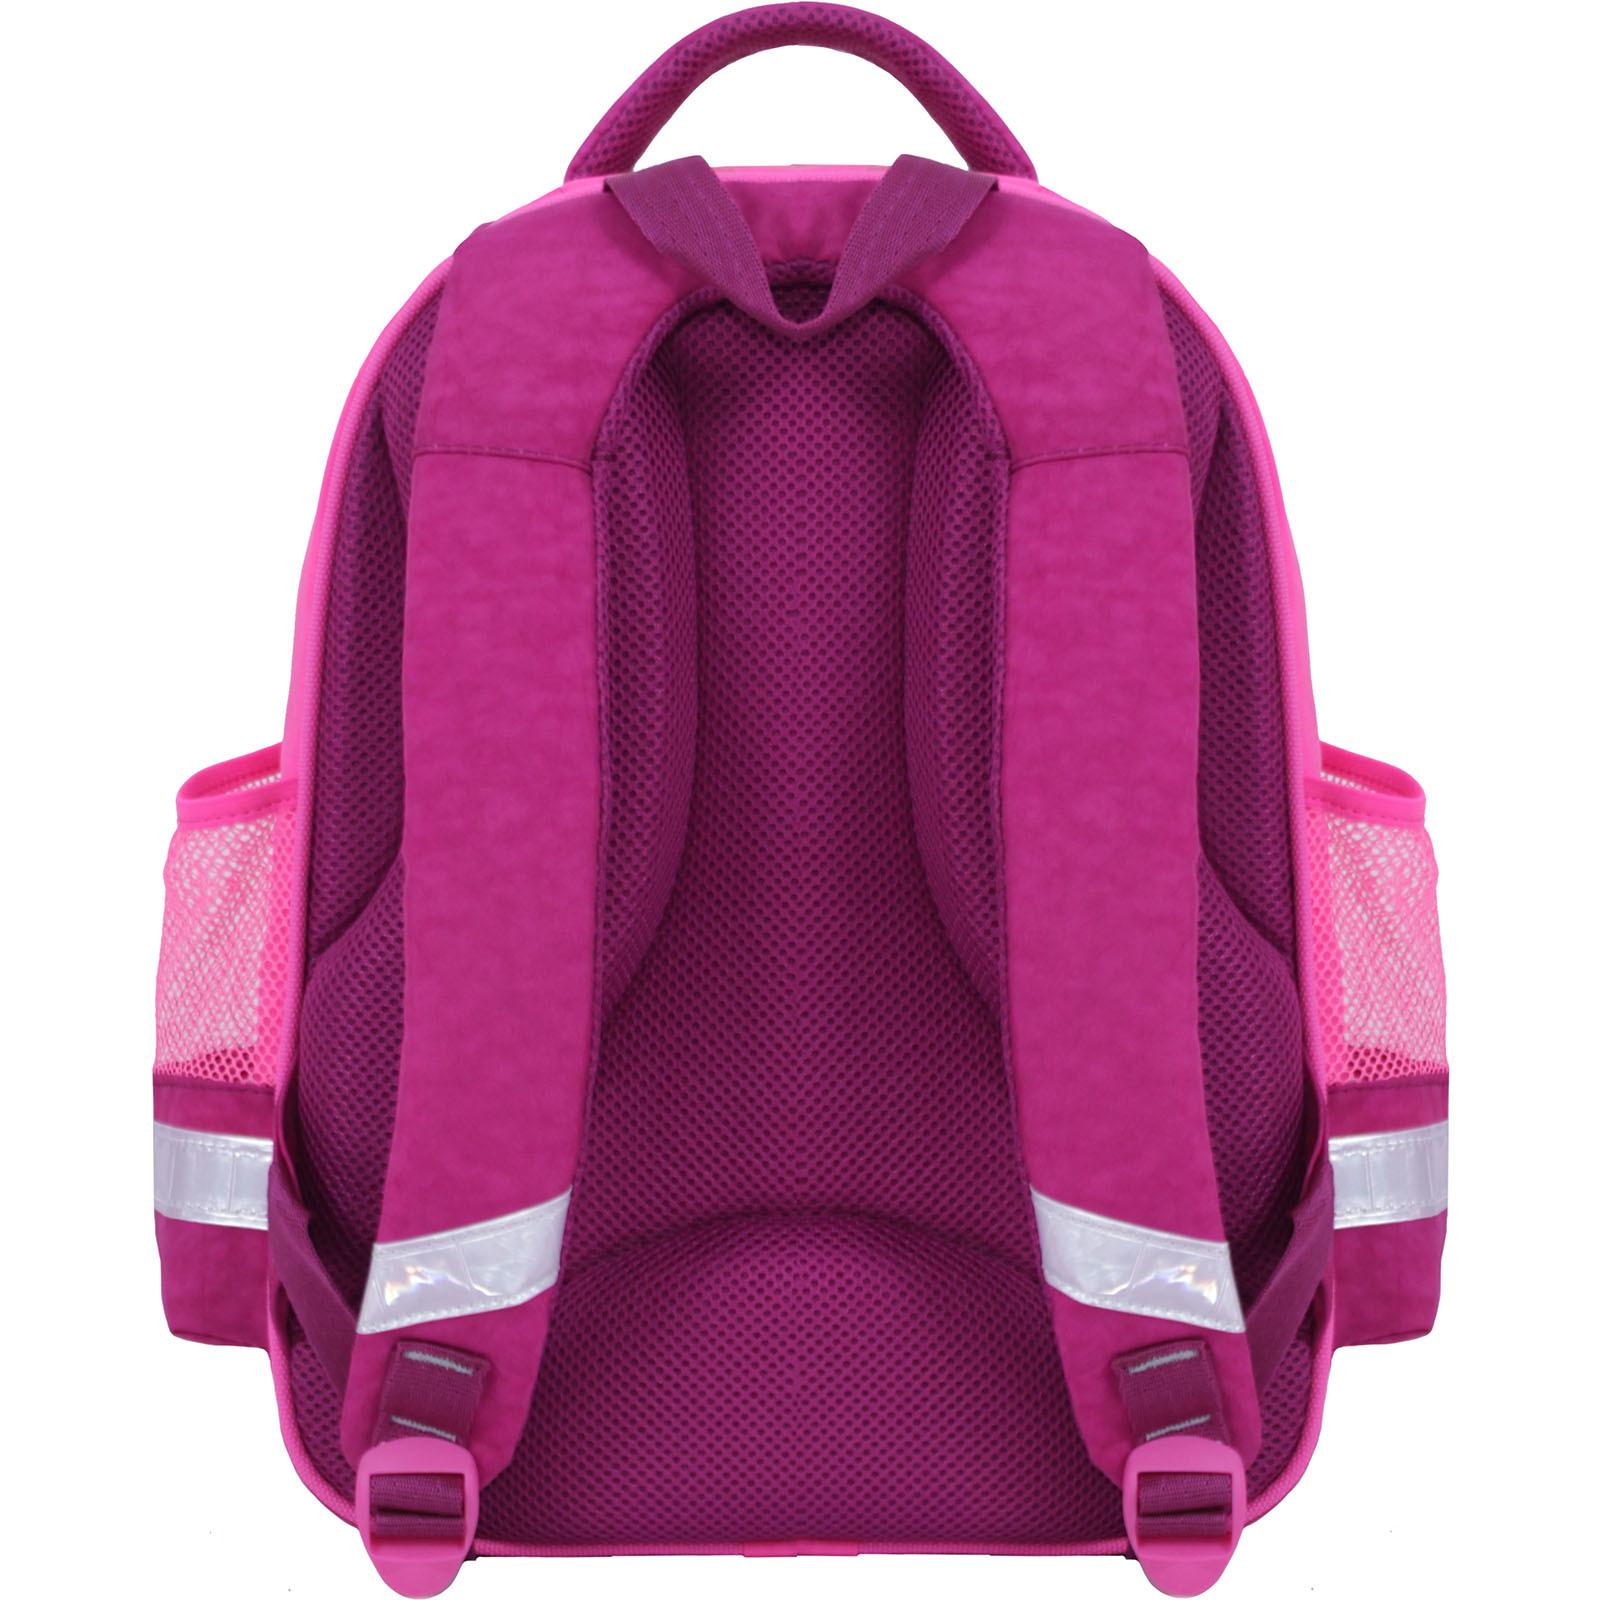 Рюкзак школьный Bagland Mouse 143 малиновый 389 (0051370) фото 4